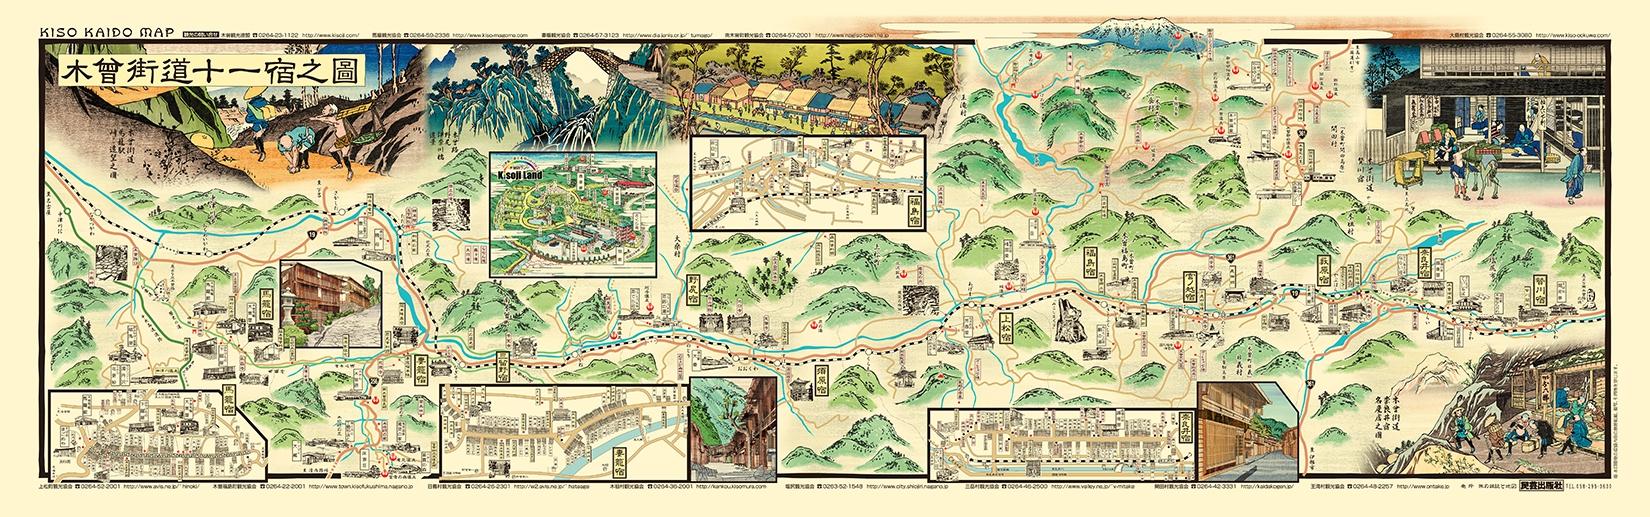 木曽街道 和紙絵地図